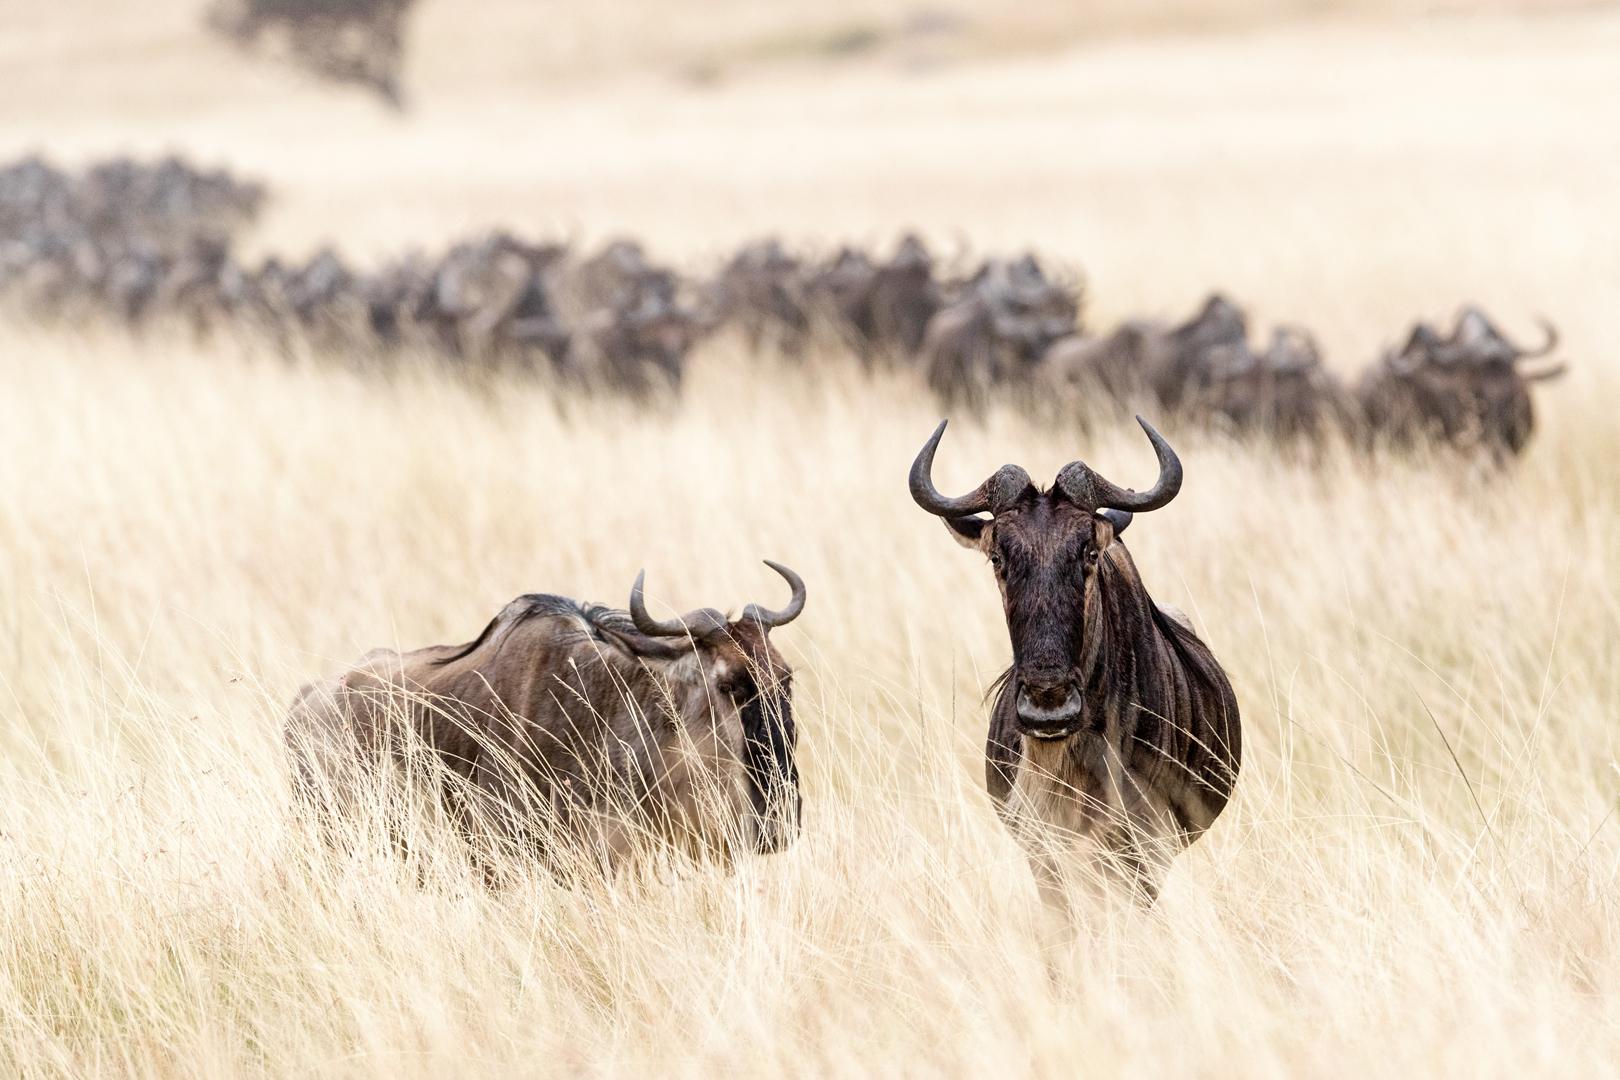 Wildebesst in Tall Grass Field in Kenya.jpg